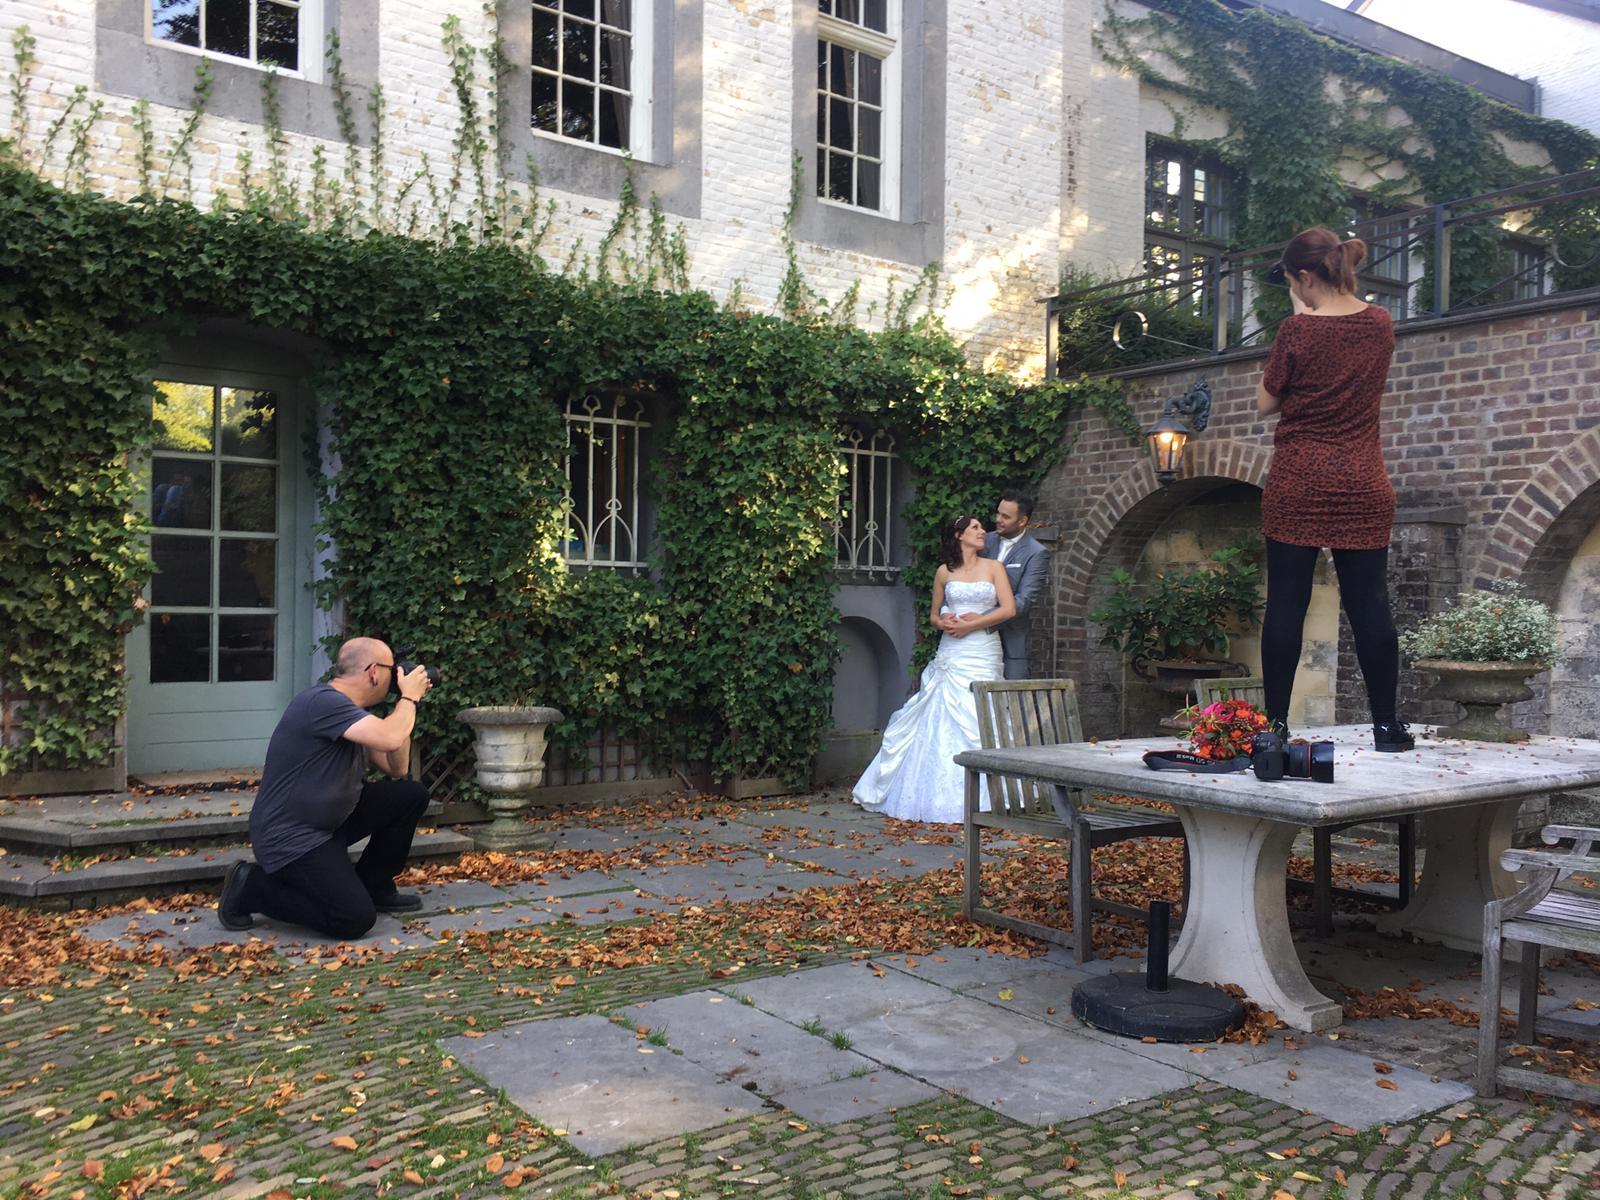 Hier ben ik aan het werk tijdens een workshop trouwfotografie, waarbij gebruik gemaakt wordt van Moment Design technieken